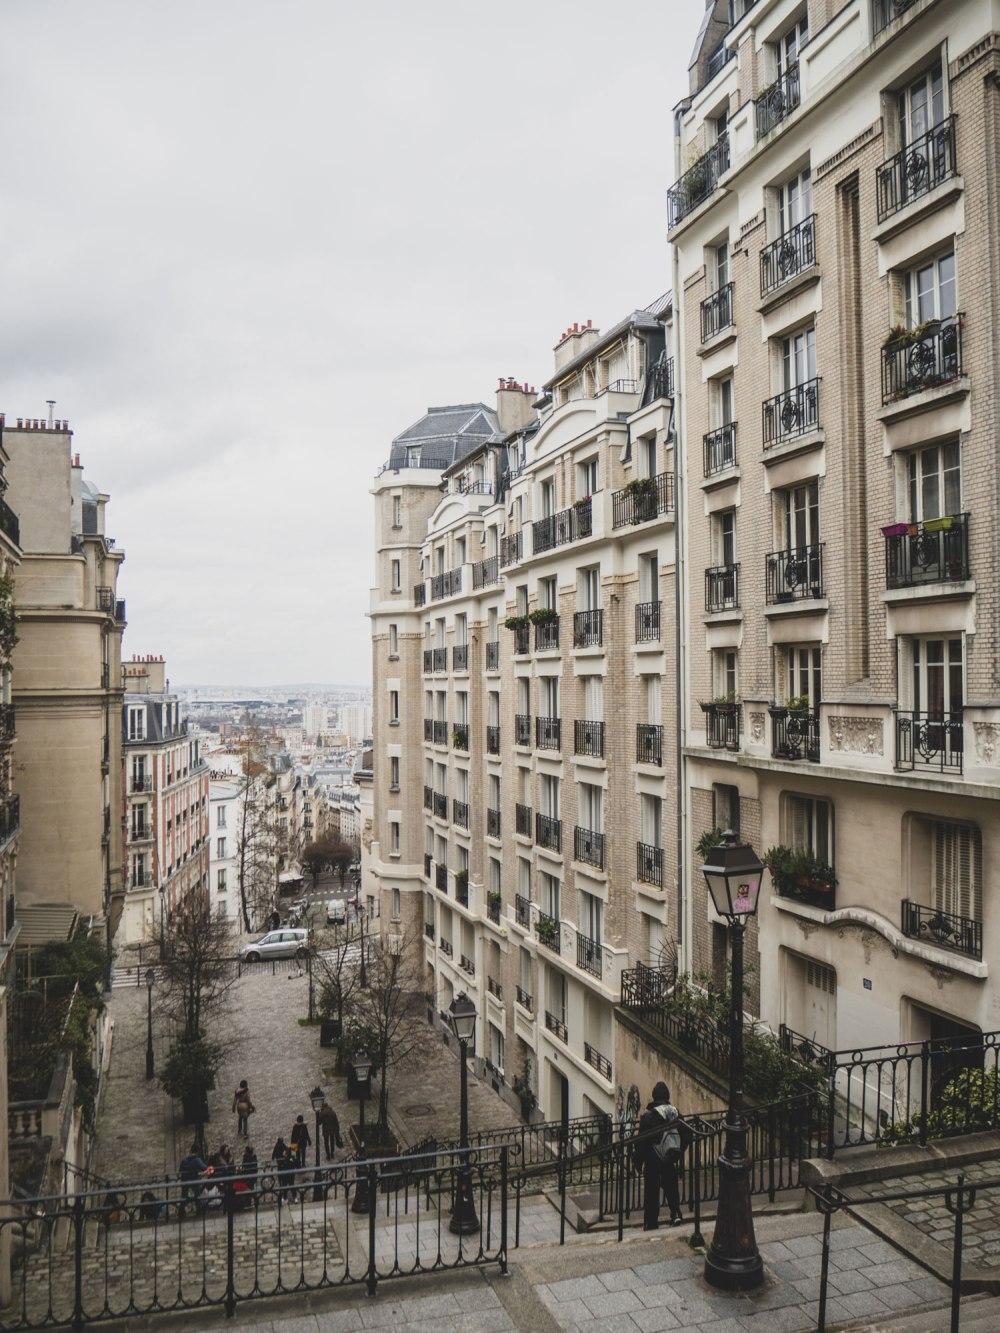 Montmartre-Paris (24)